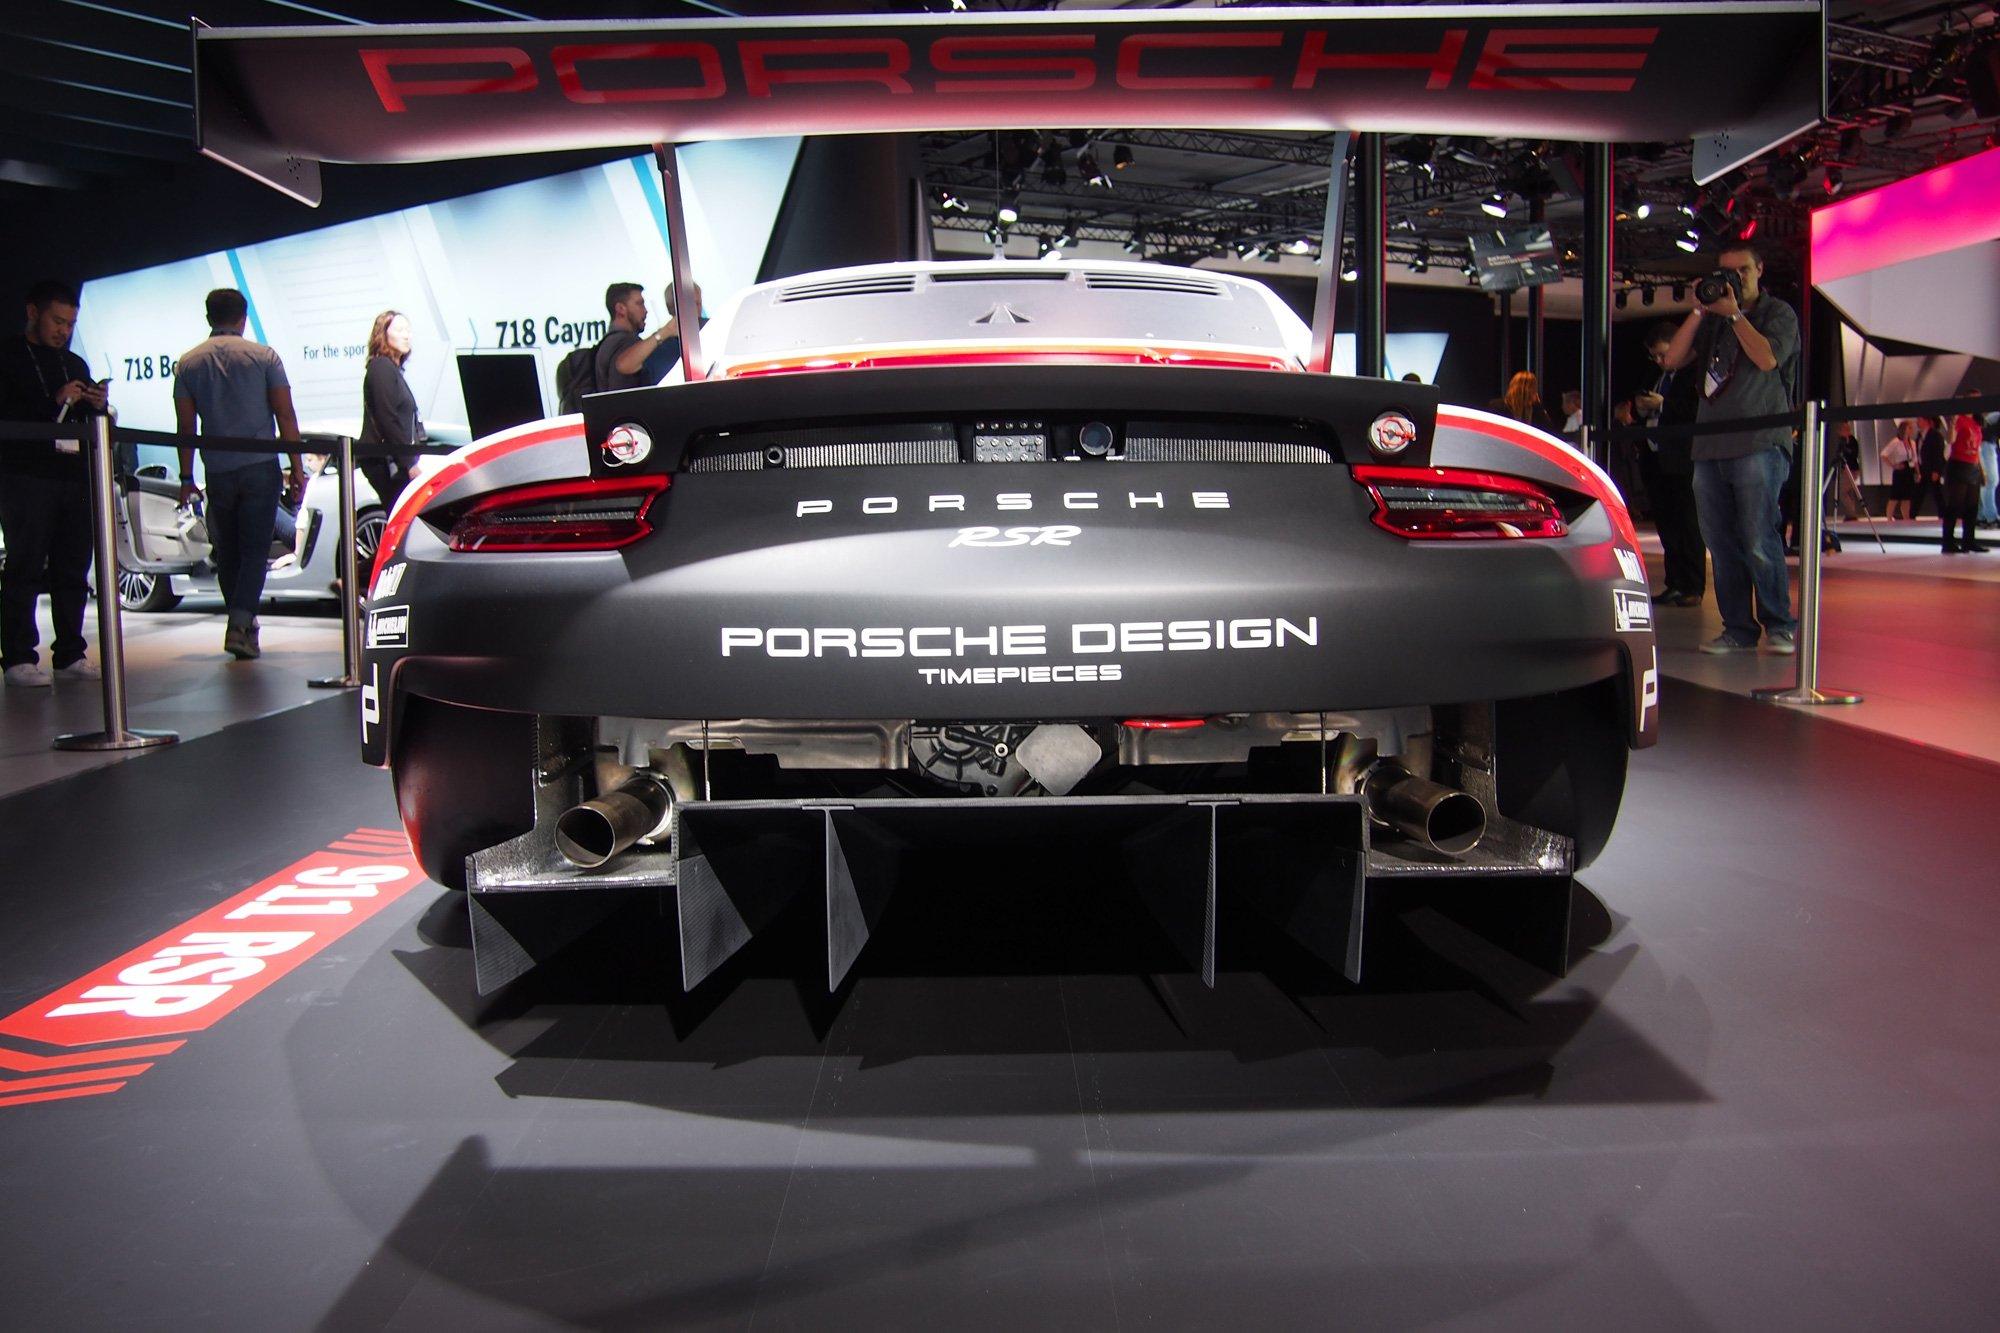 The Best Porsche 911 Ever isn't Even Street Legal